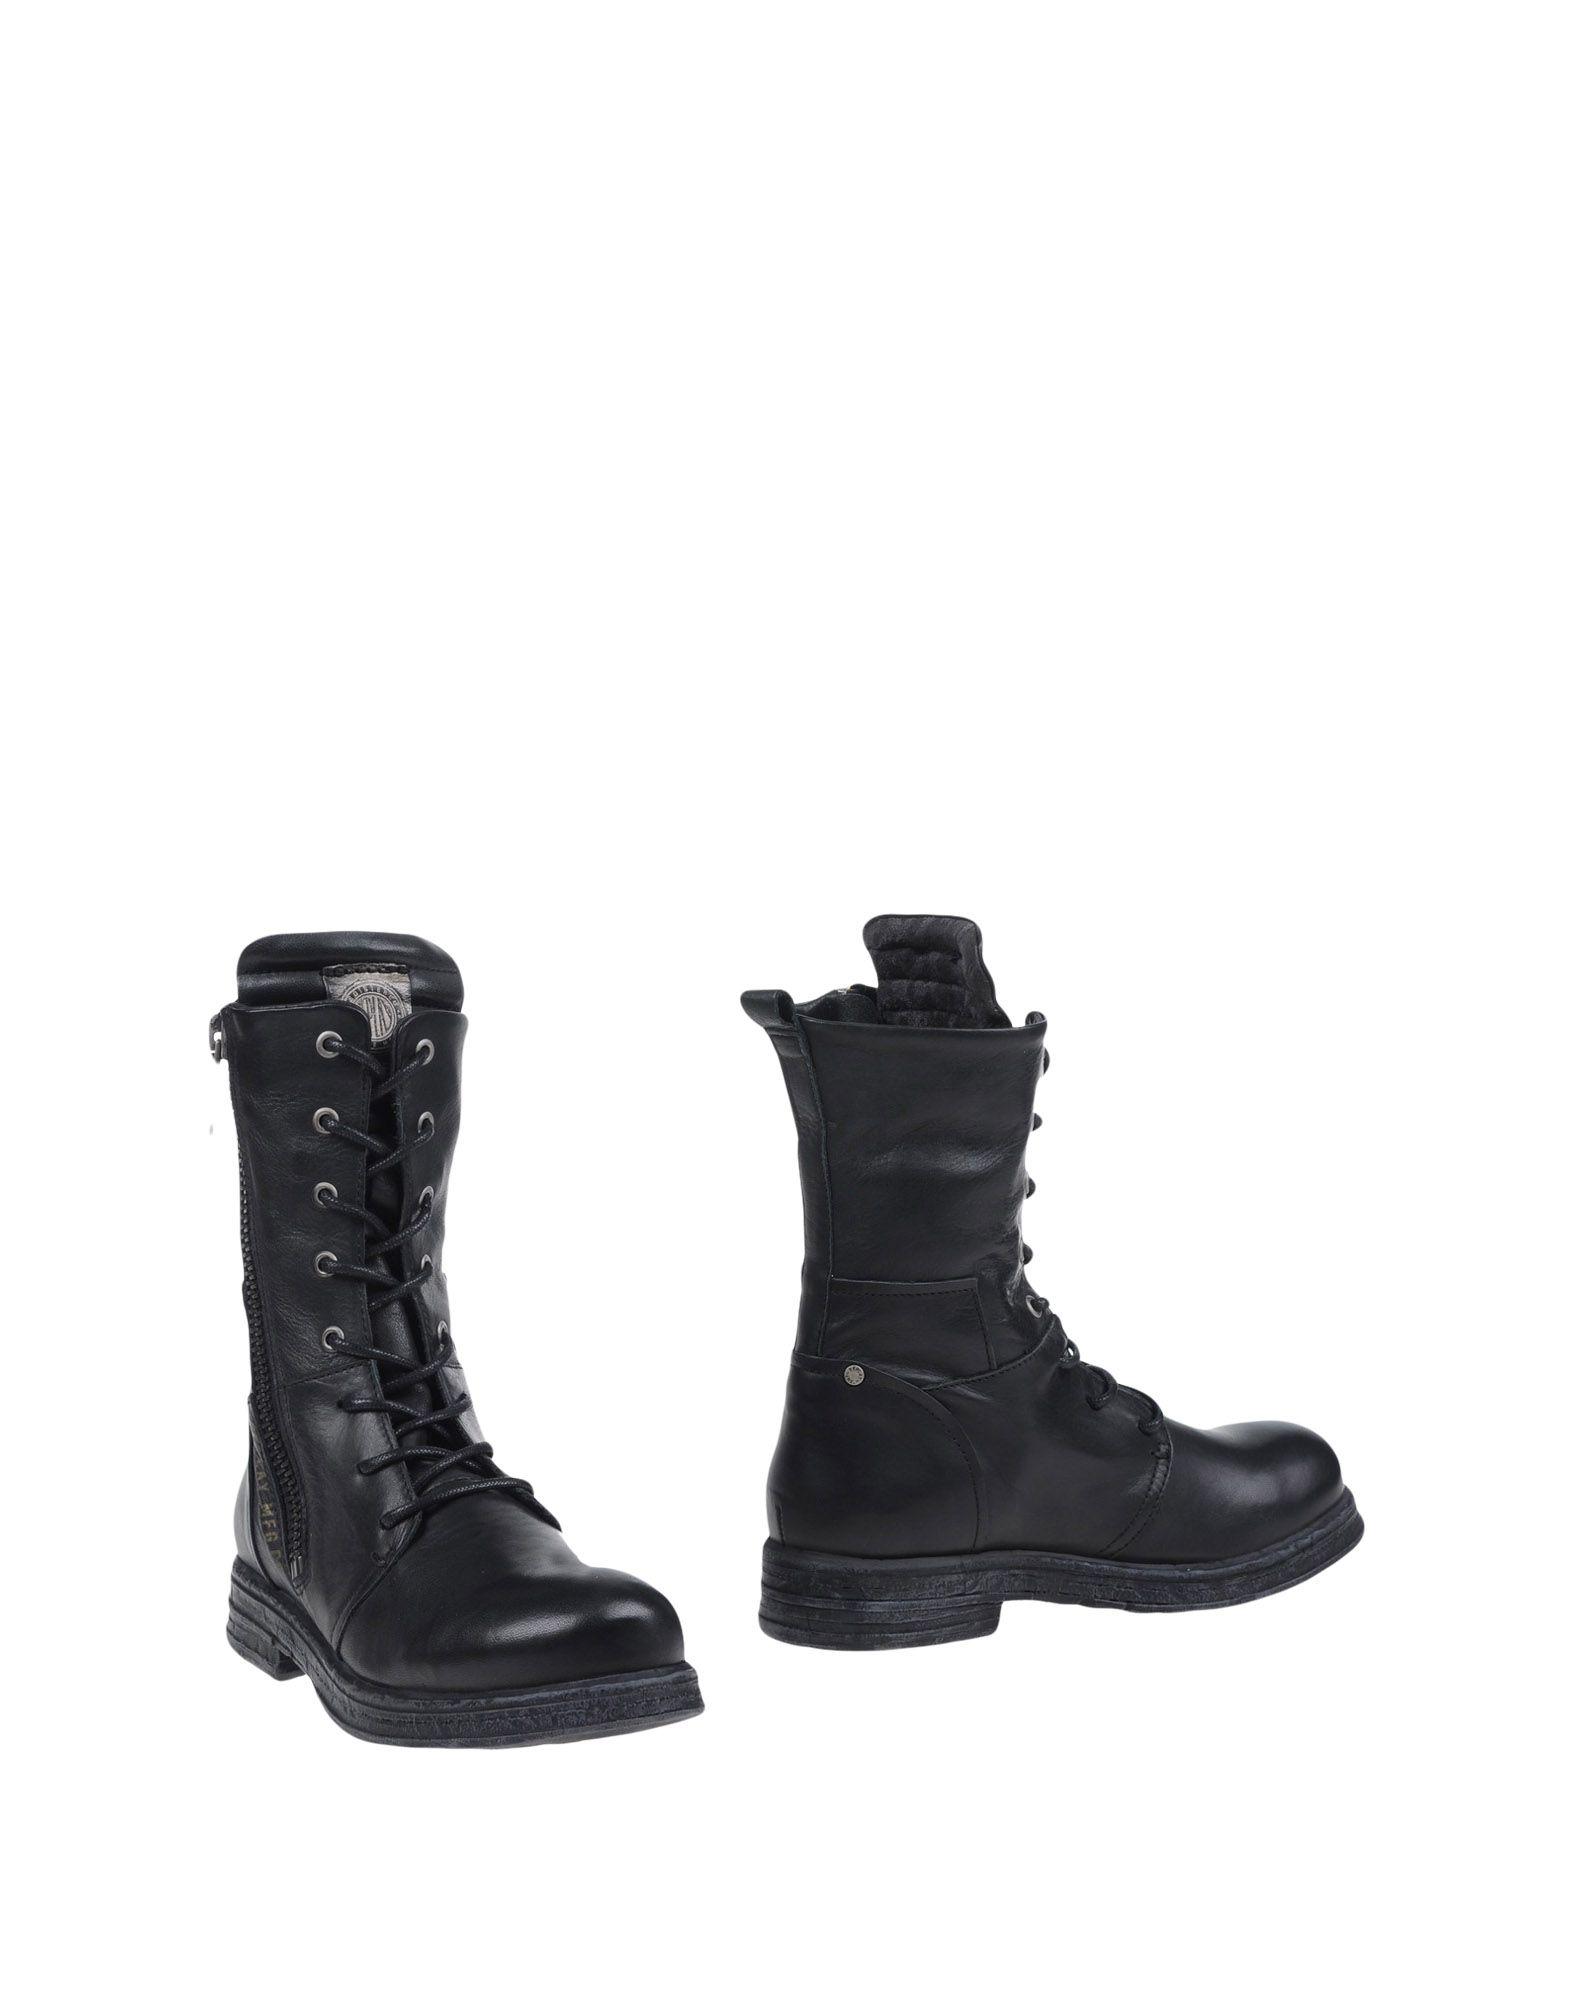 Replay Stiefelette Damen  Schuhe 11027990KN Gute Qualität beliebte Schuhe  a42f5c